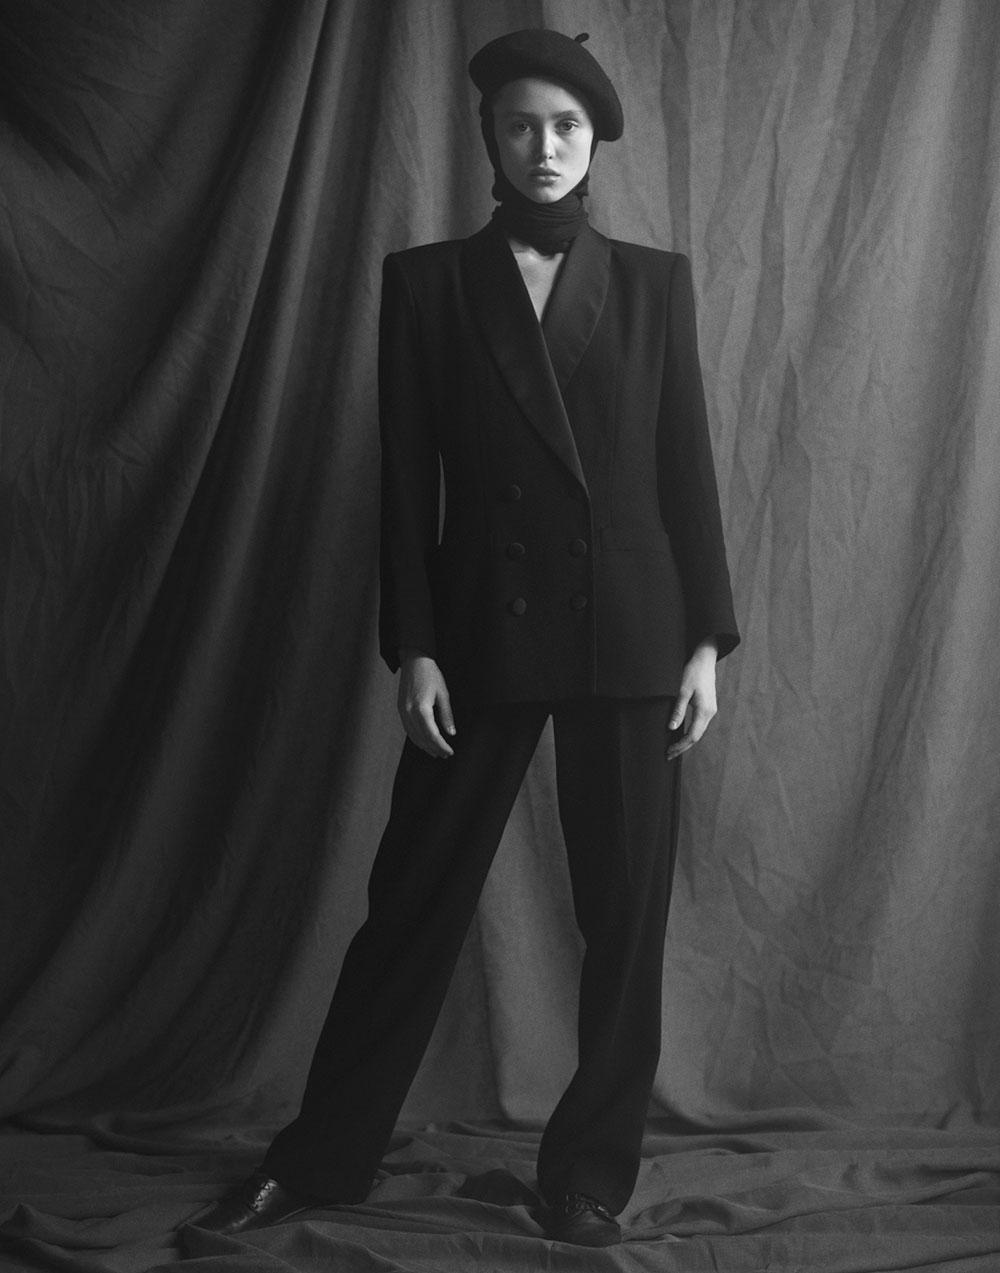 Black and white photo of Aliyah Galyautdinova by Ryan Michael Kelly for MONROWE magazine